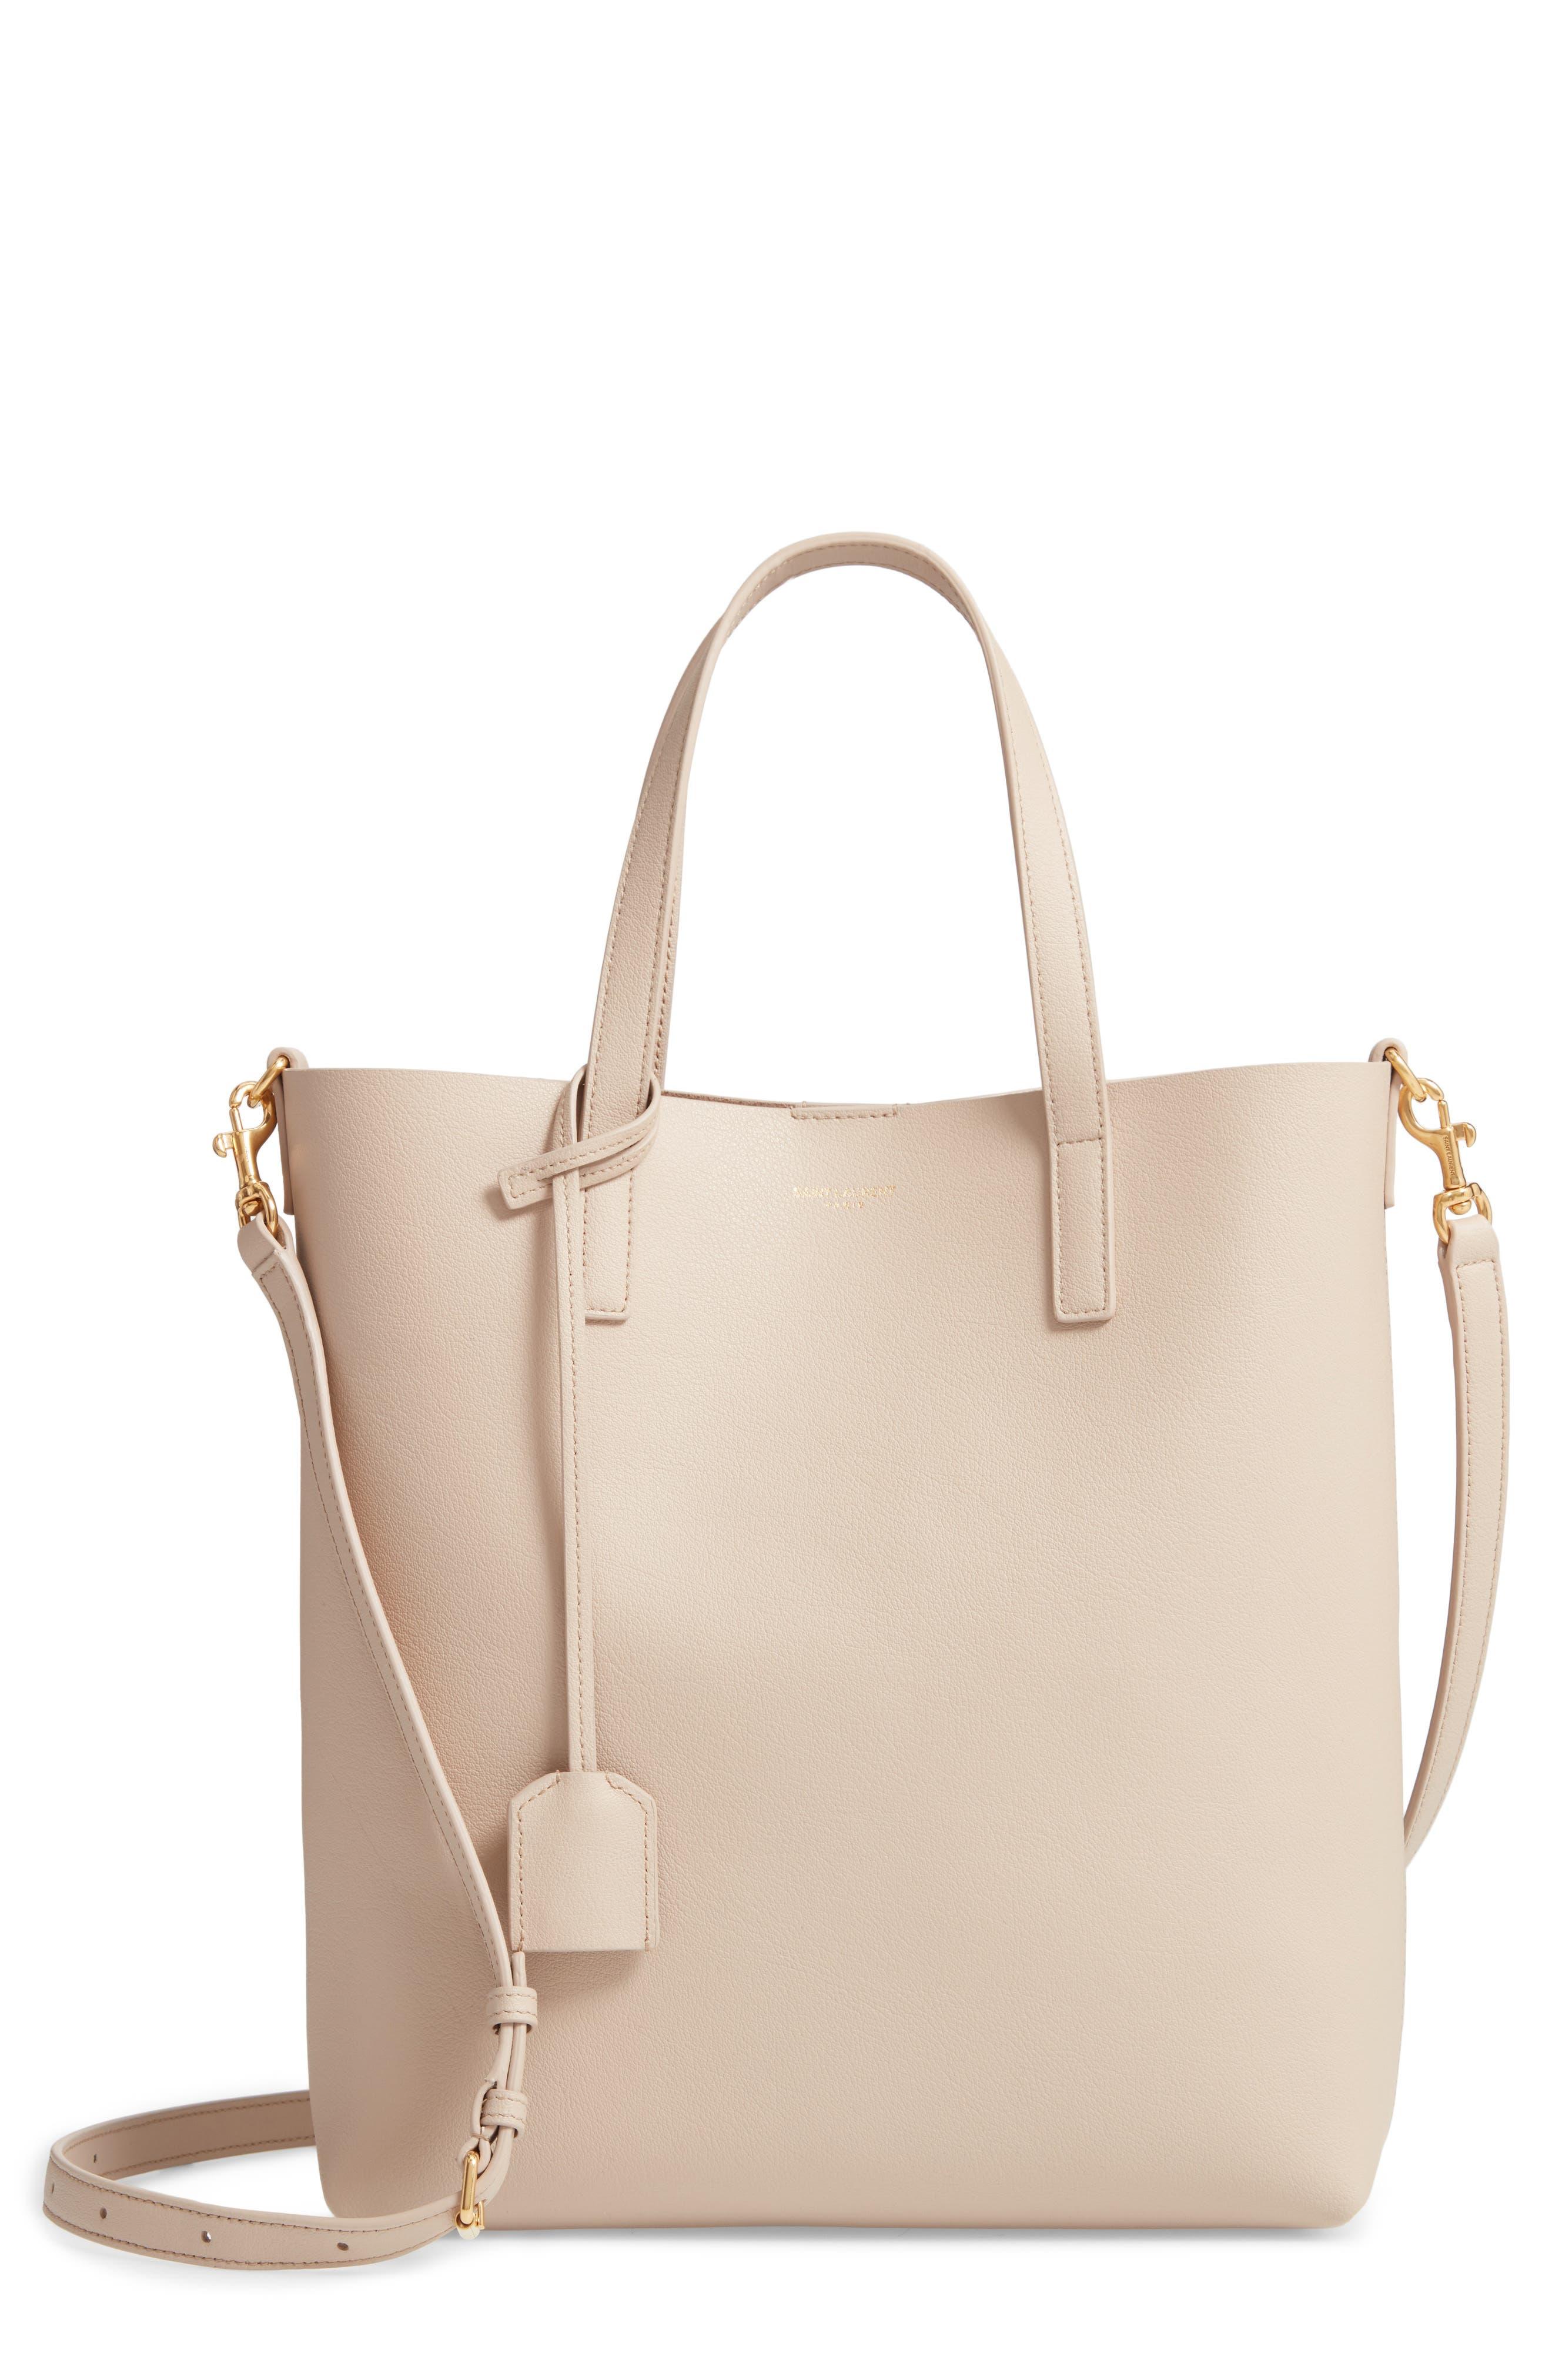 12d7d18c2d6c4 Saint Laurent Women s Handbags   Purses